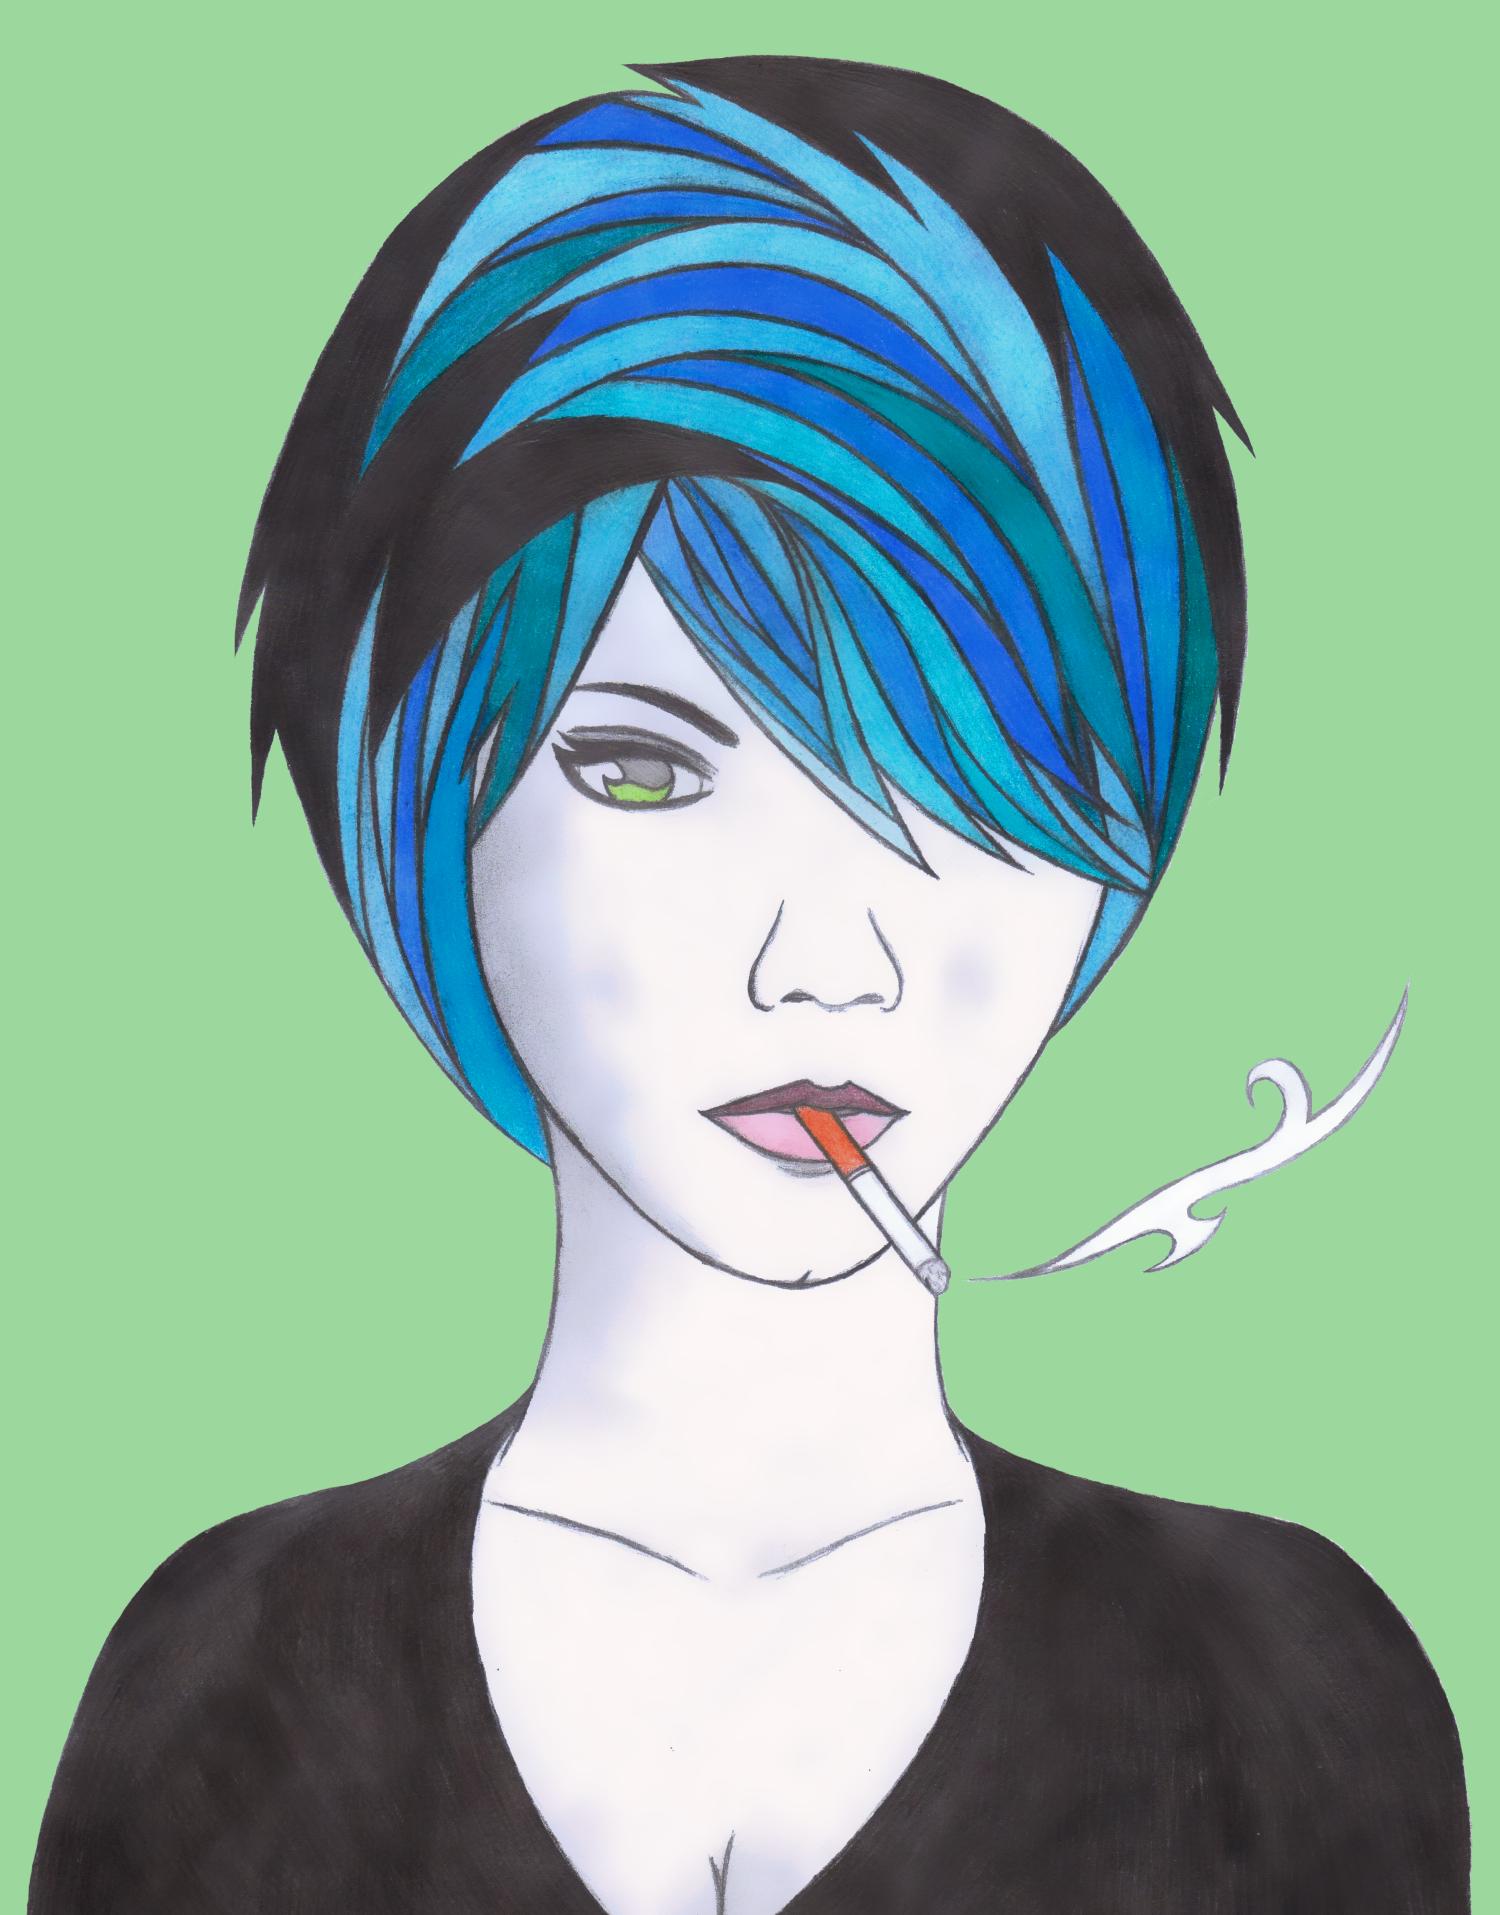 Cigarette Girl 2 Revised